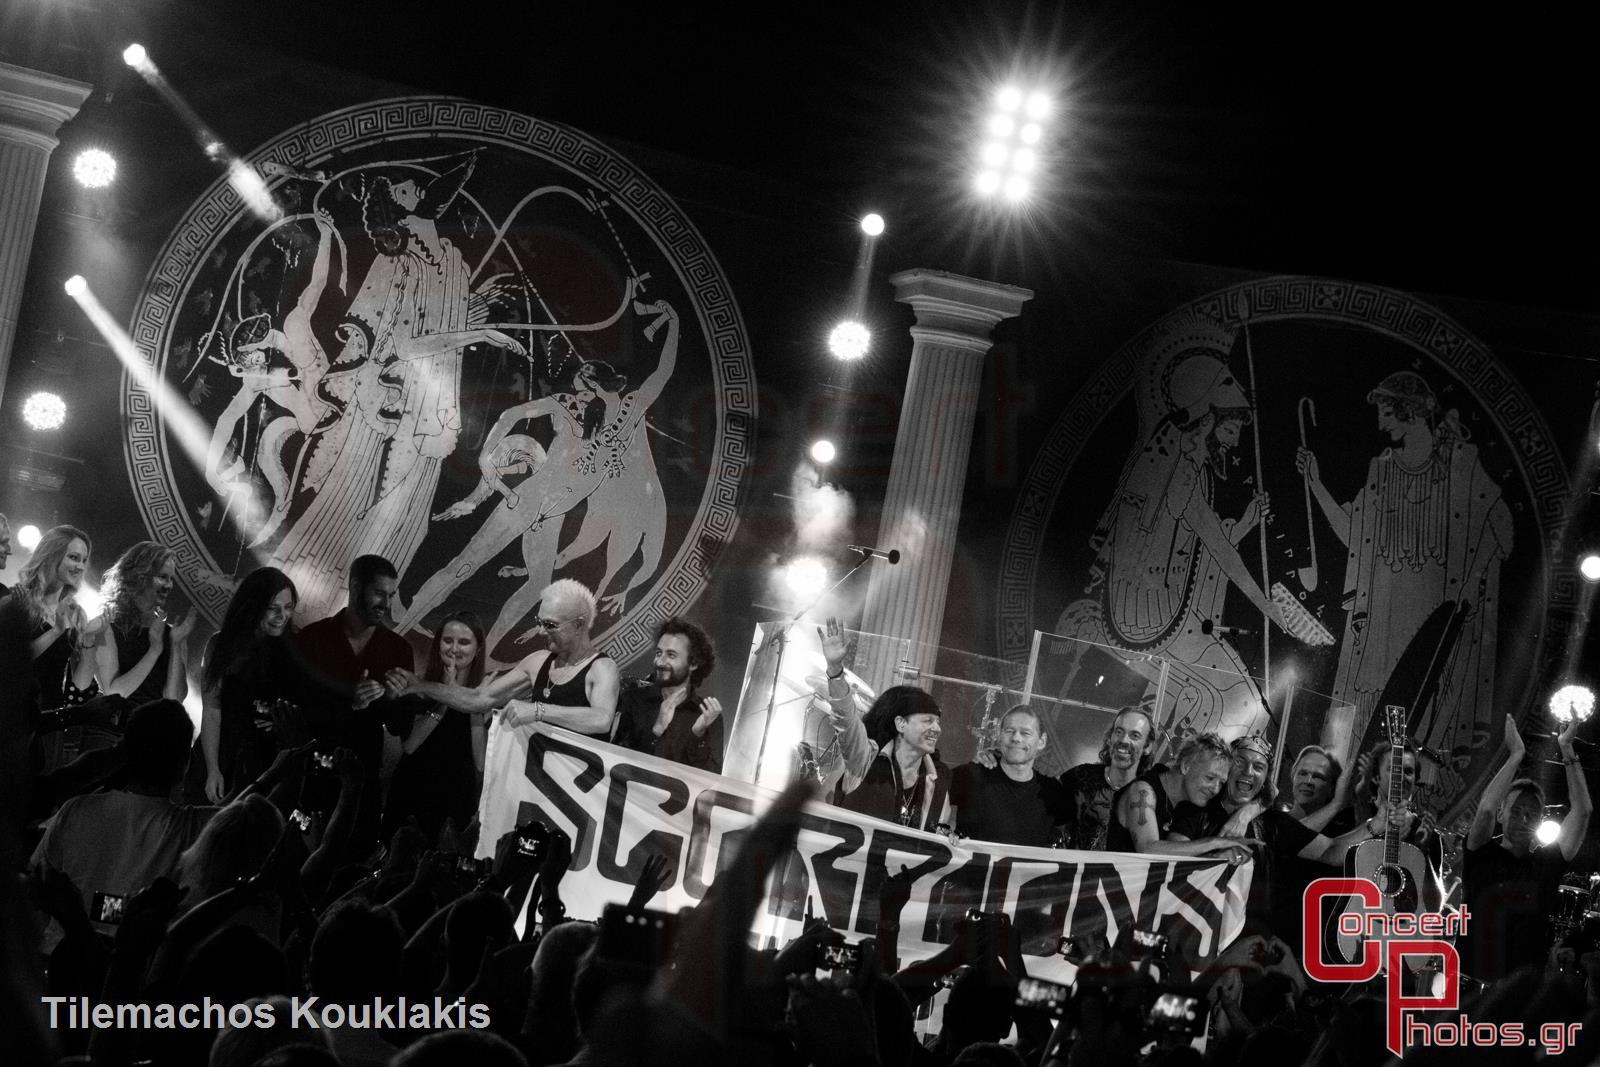 Scorpions-Scorpions photographer: Tilemachos Kouklakis - concertphotos_-7129